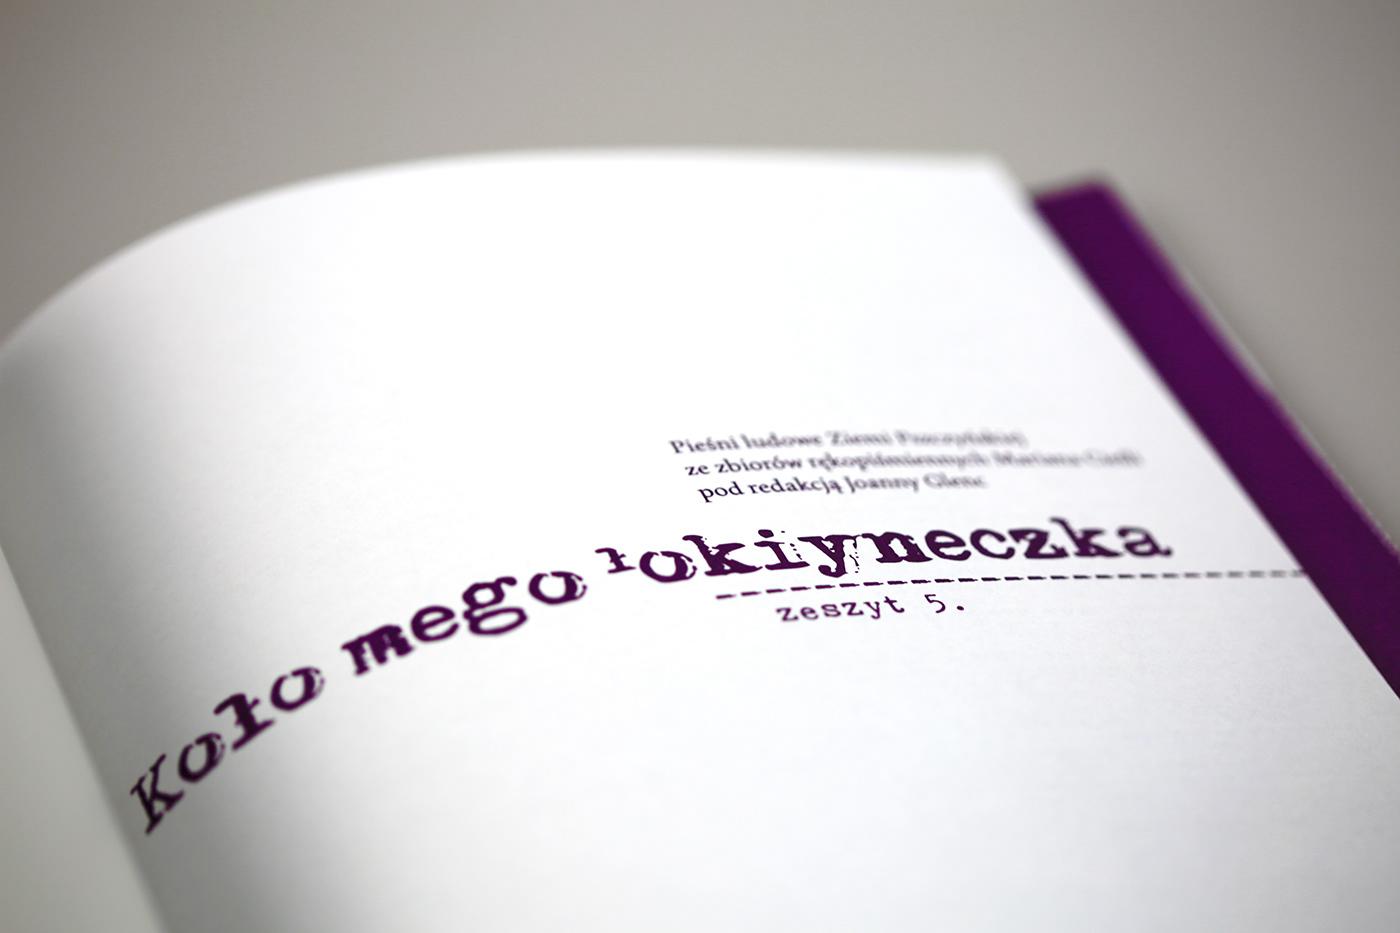 śpiewnik rękopis etno muzyka music śląskie pieśni songs Wydawnictwo nuty